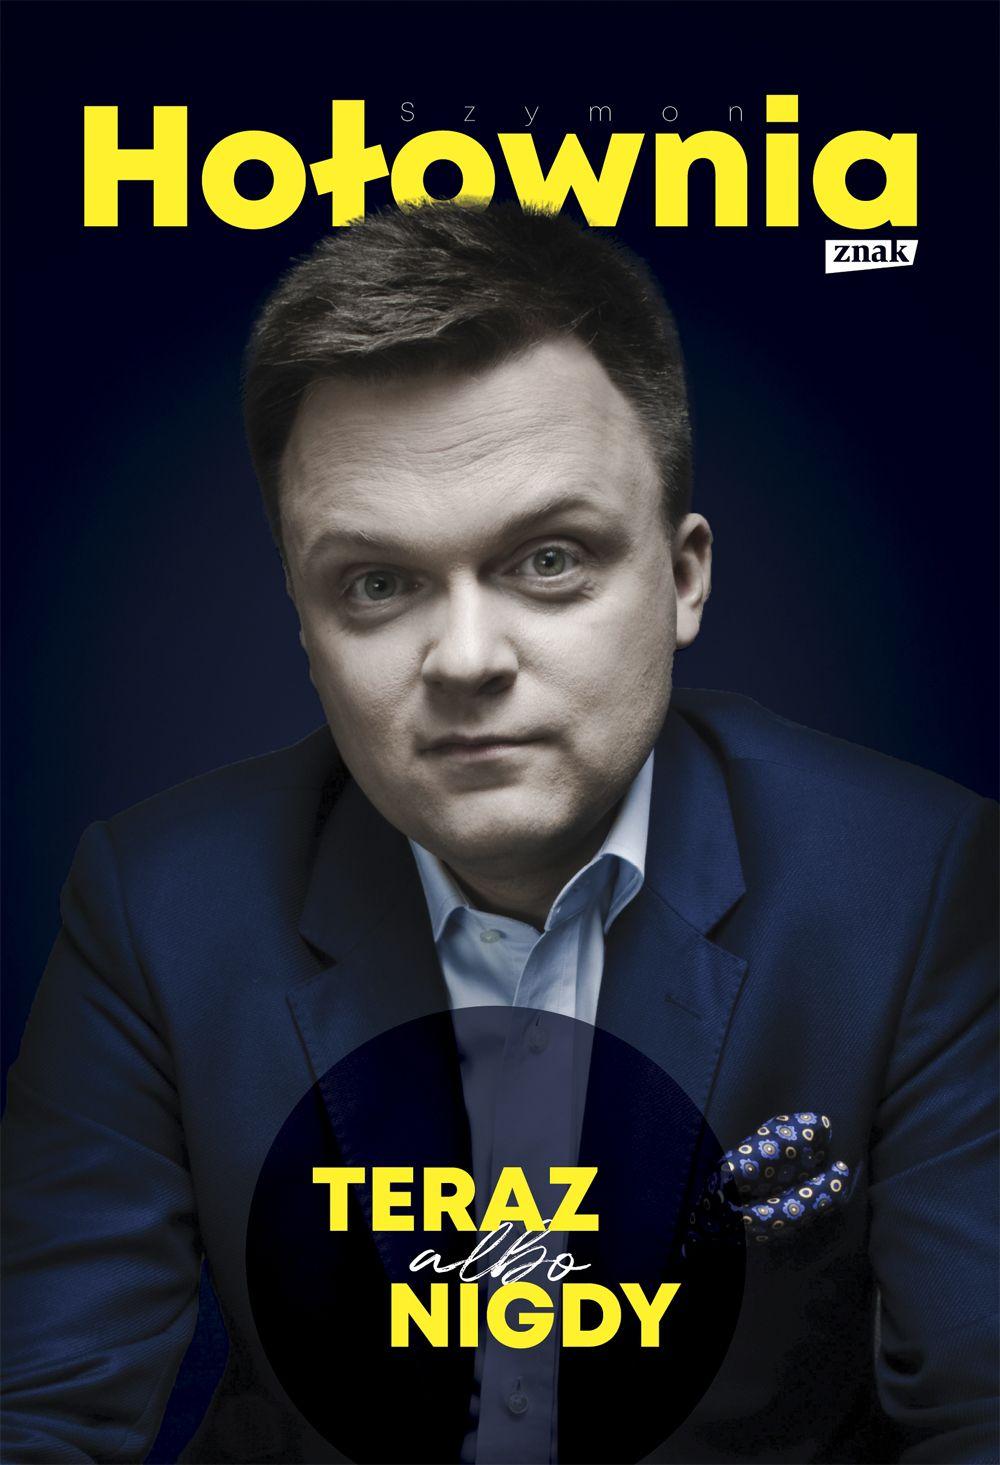 Szymon Hołownia – TERAZ albo NIGDY